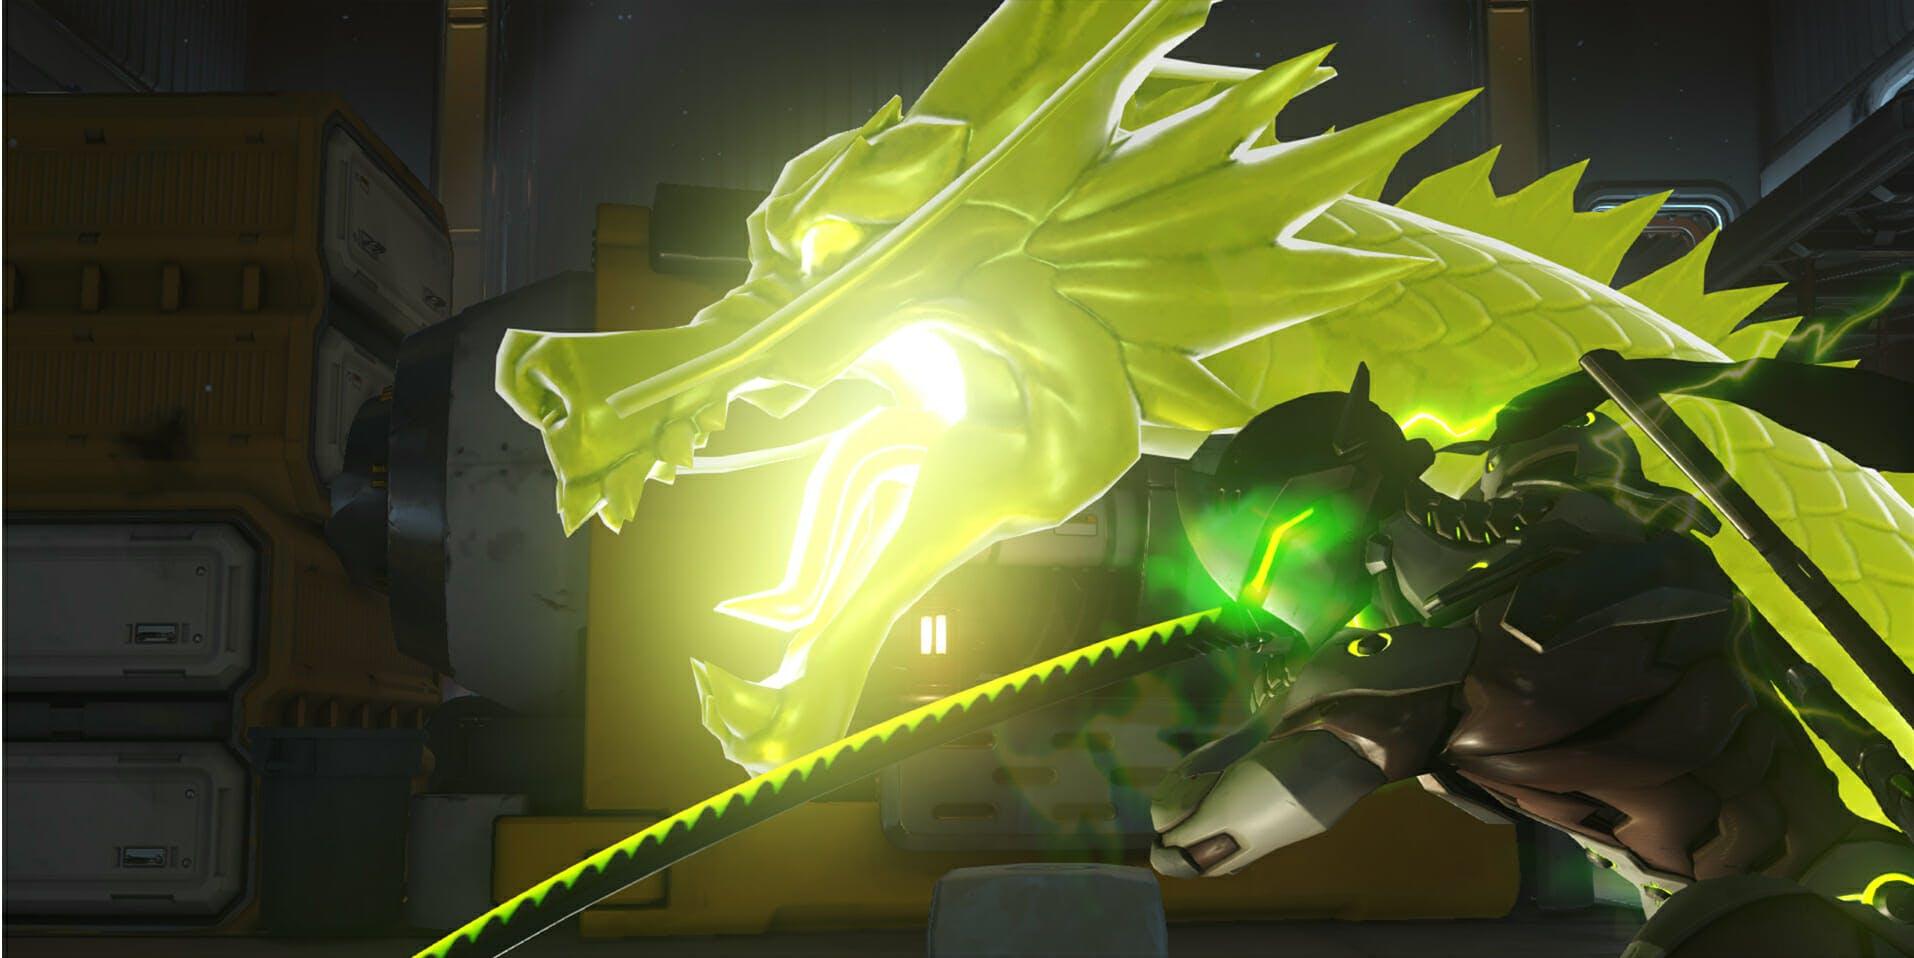 Best Overwatch Character Genji